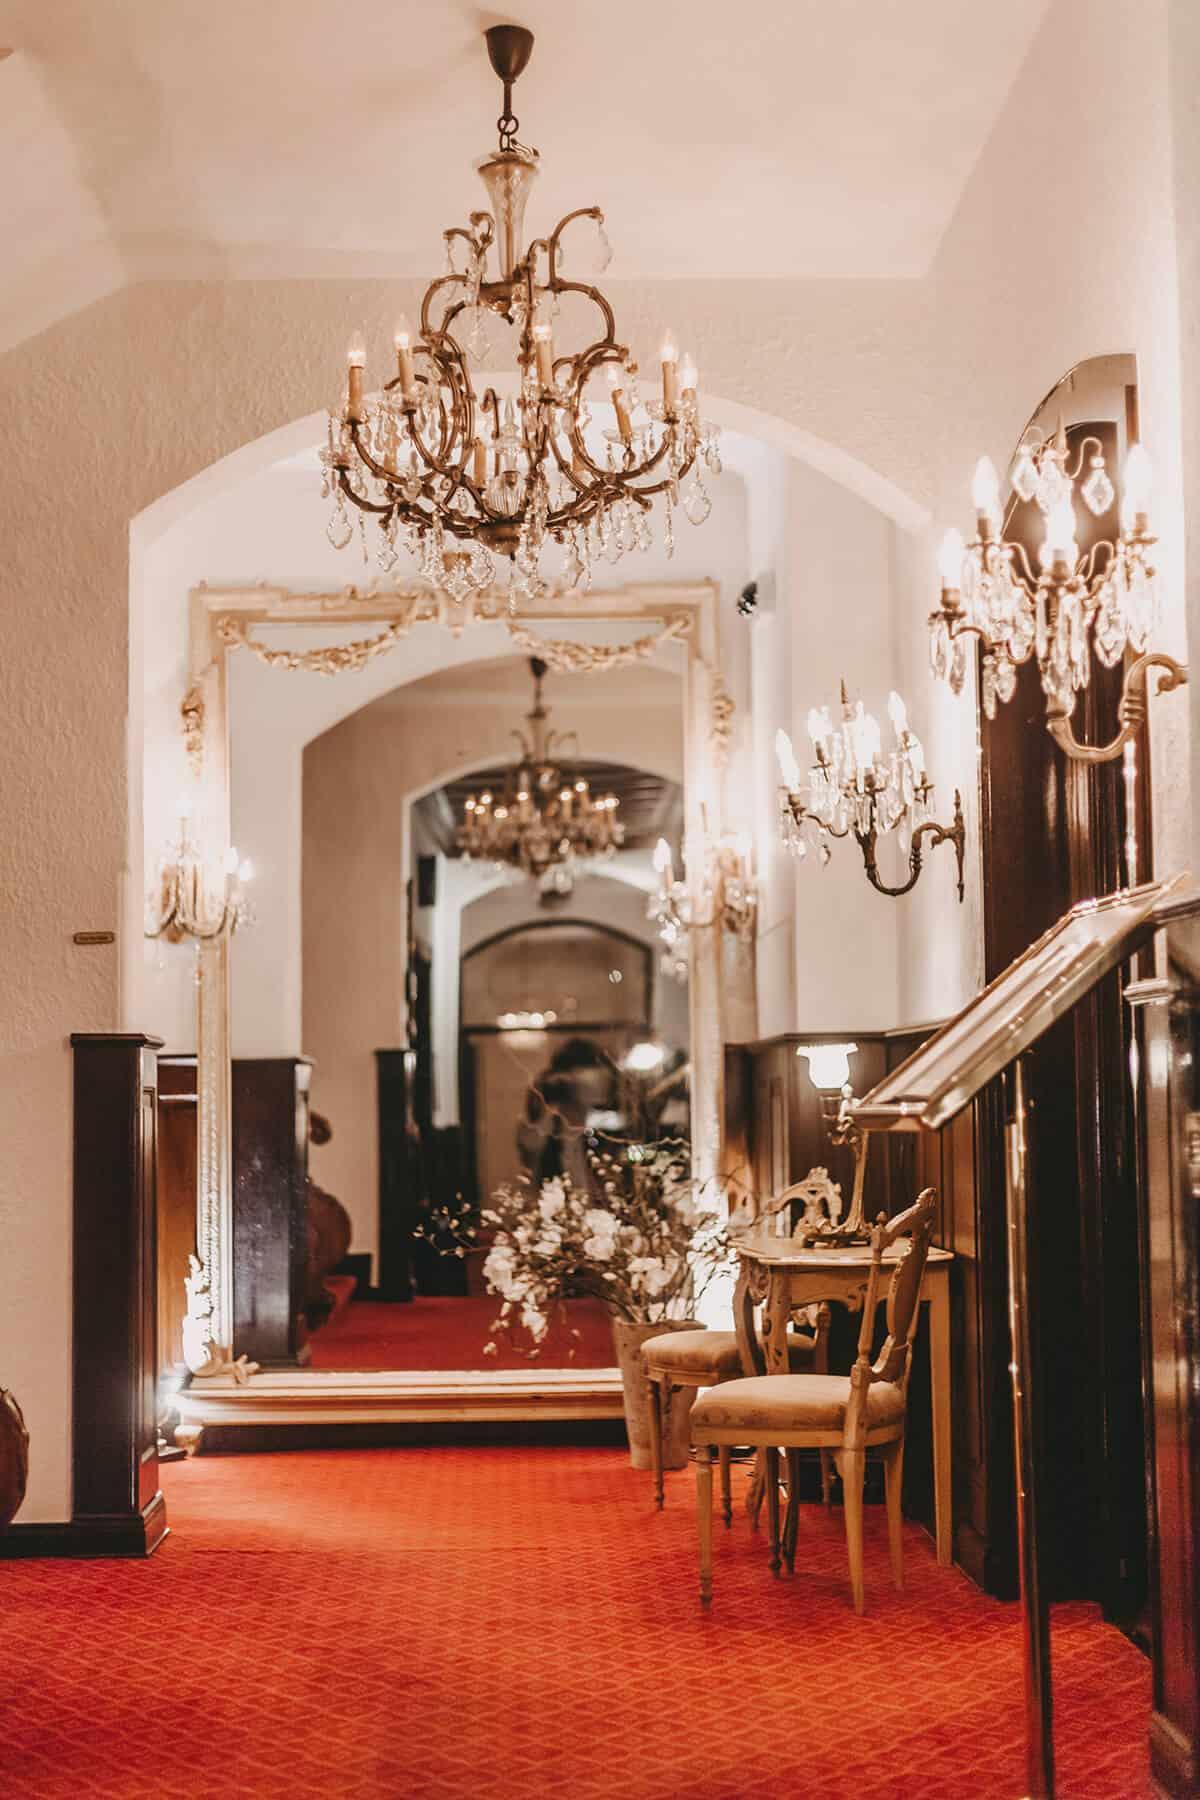 Hotel Miramar Westerland auf Sylt Eingangsbereich Kronleuchter Teppich